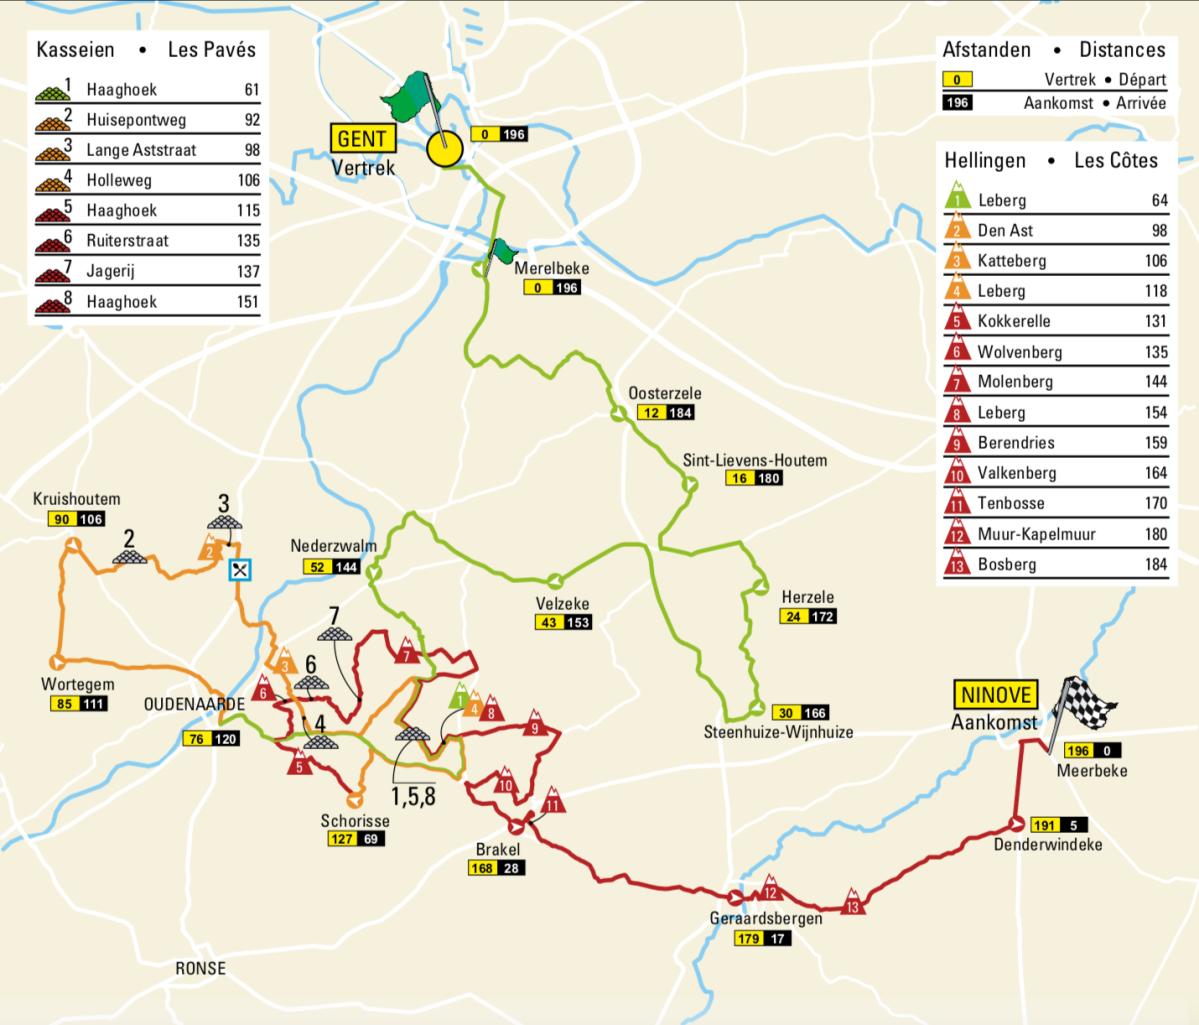 omloop-het-nieuwsblad-2018-map-d1c30e5375